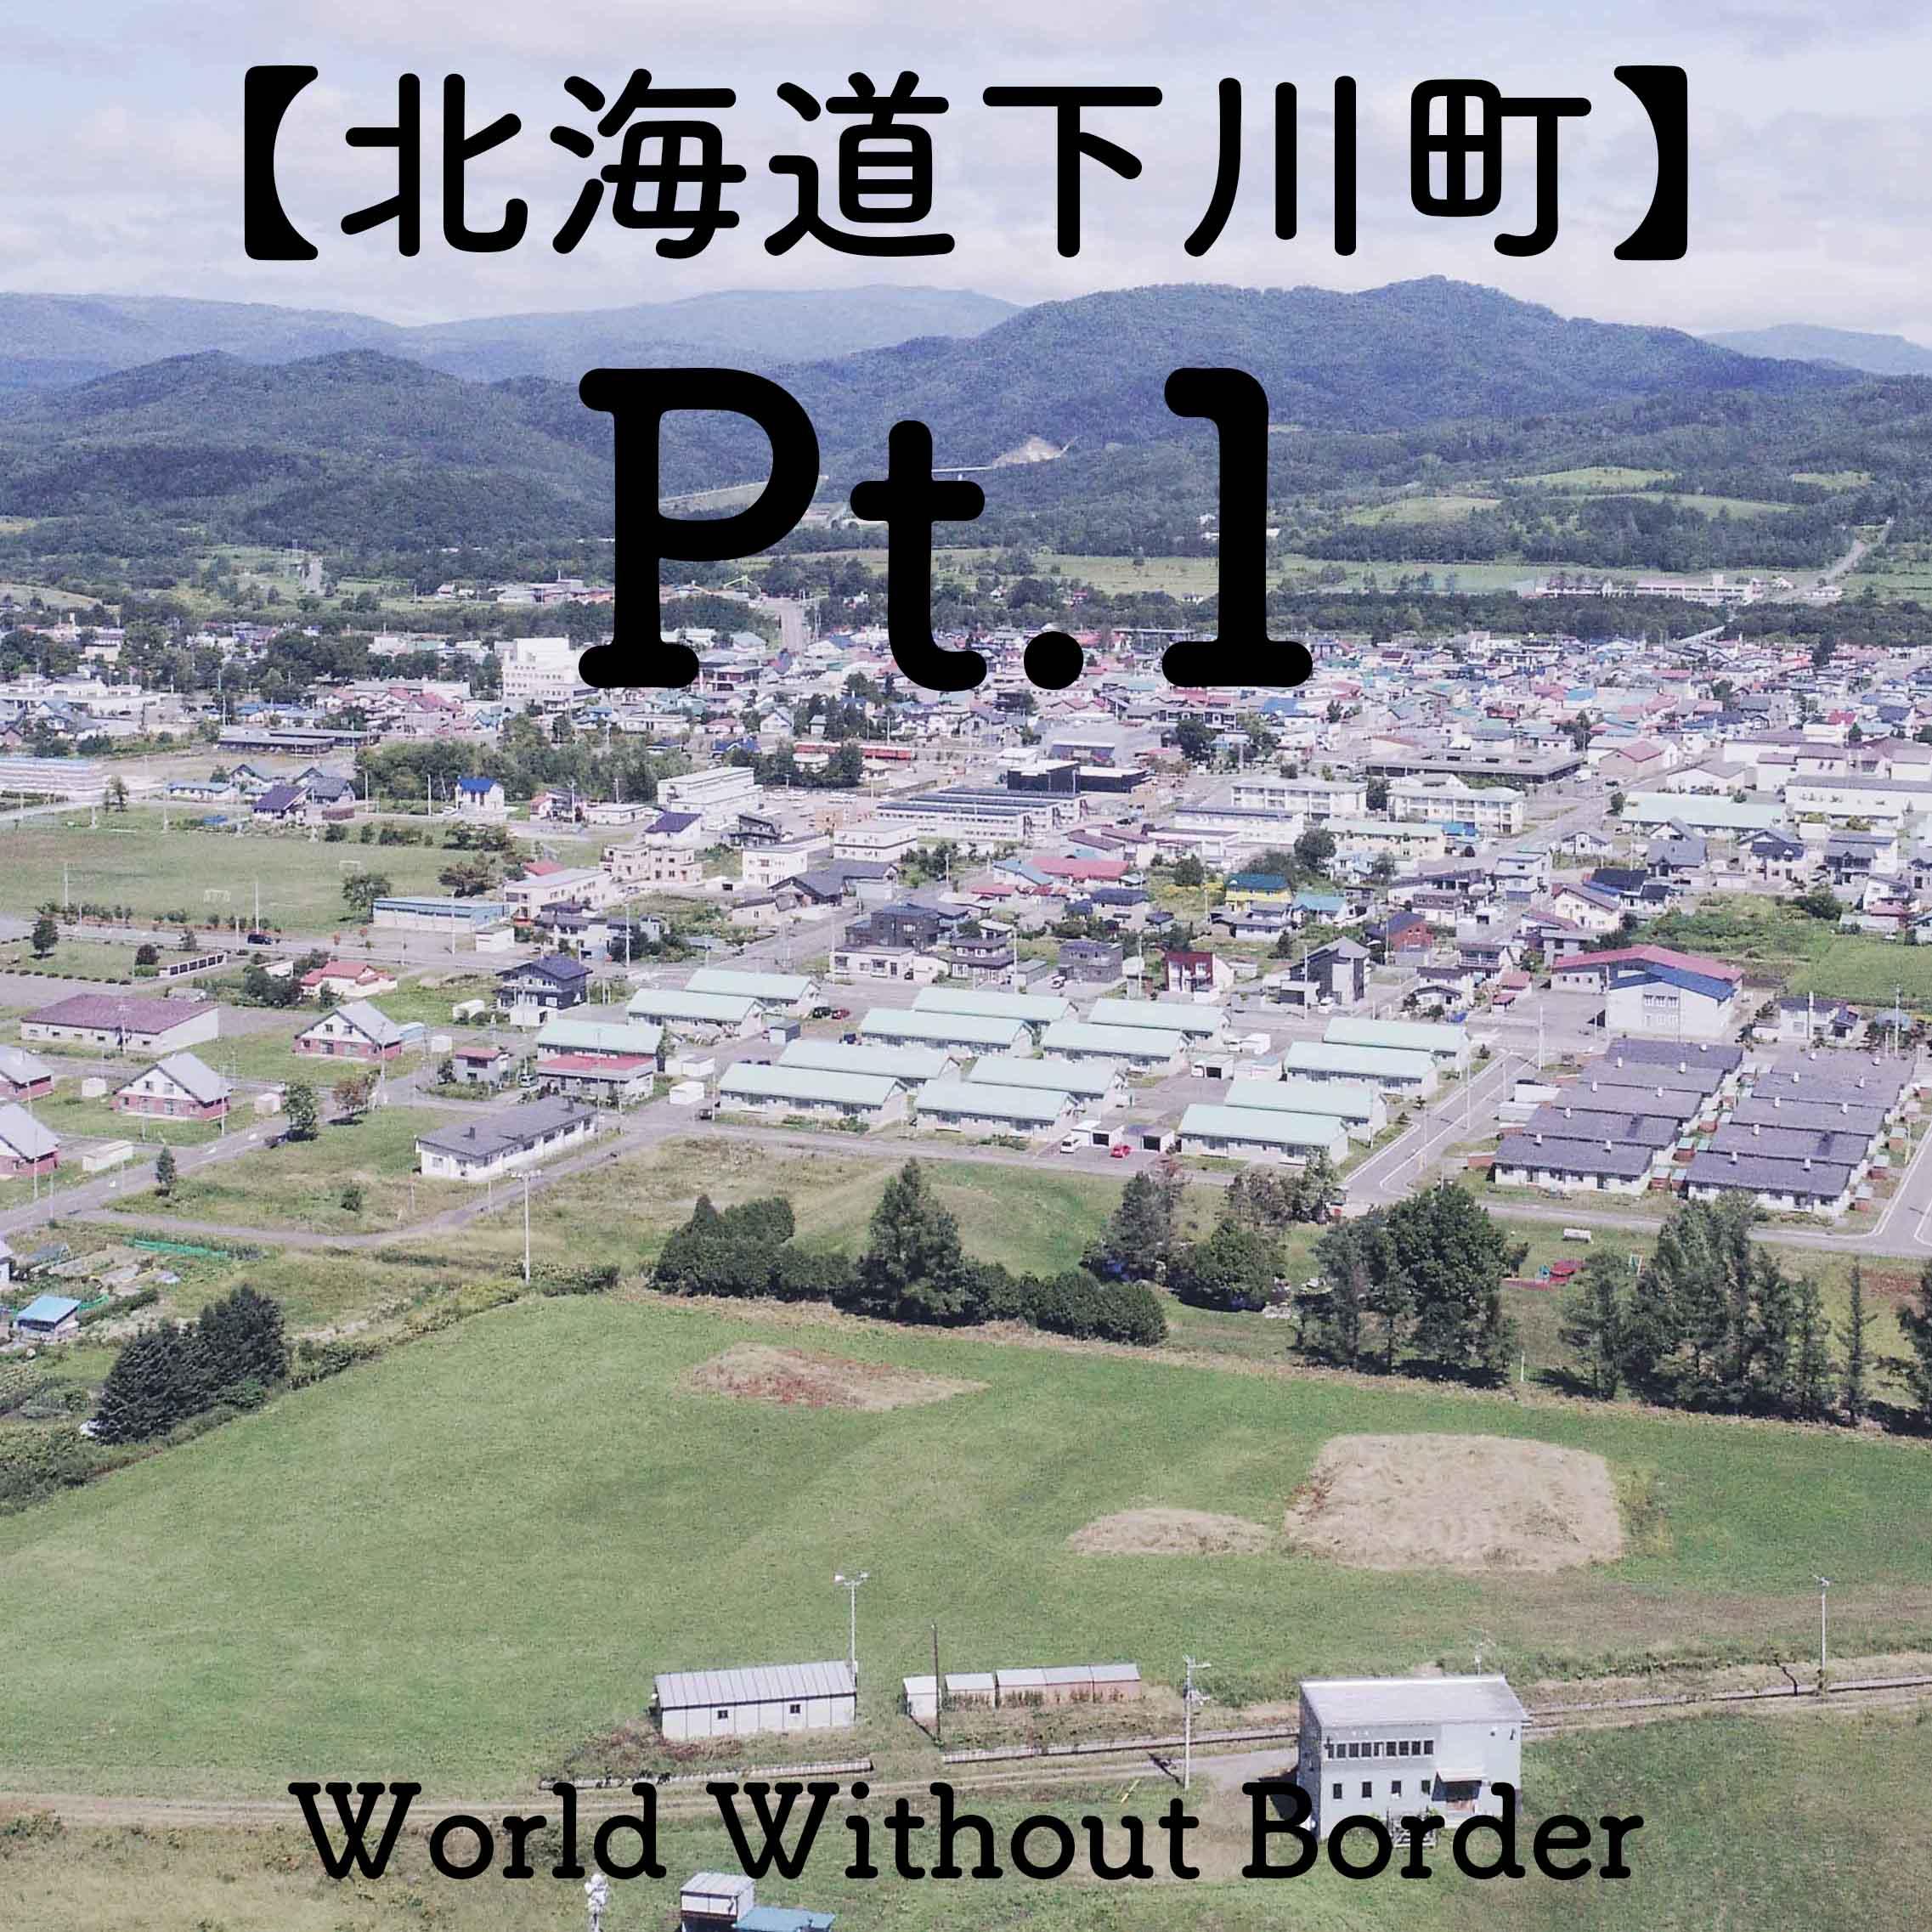 札幌から240kmにある下川町への旅Pt.1「コモレビ〜アポロ〜ノースプレインファーム」